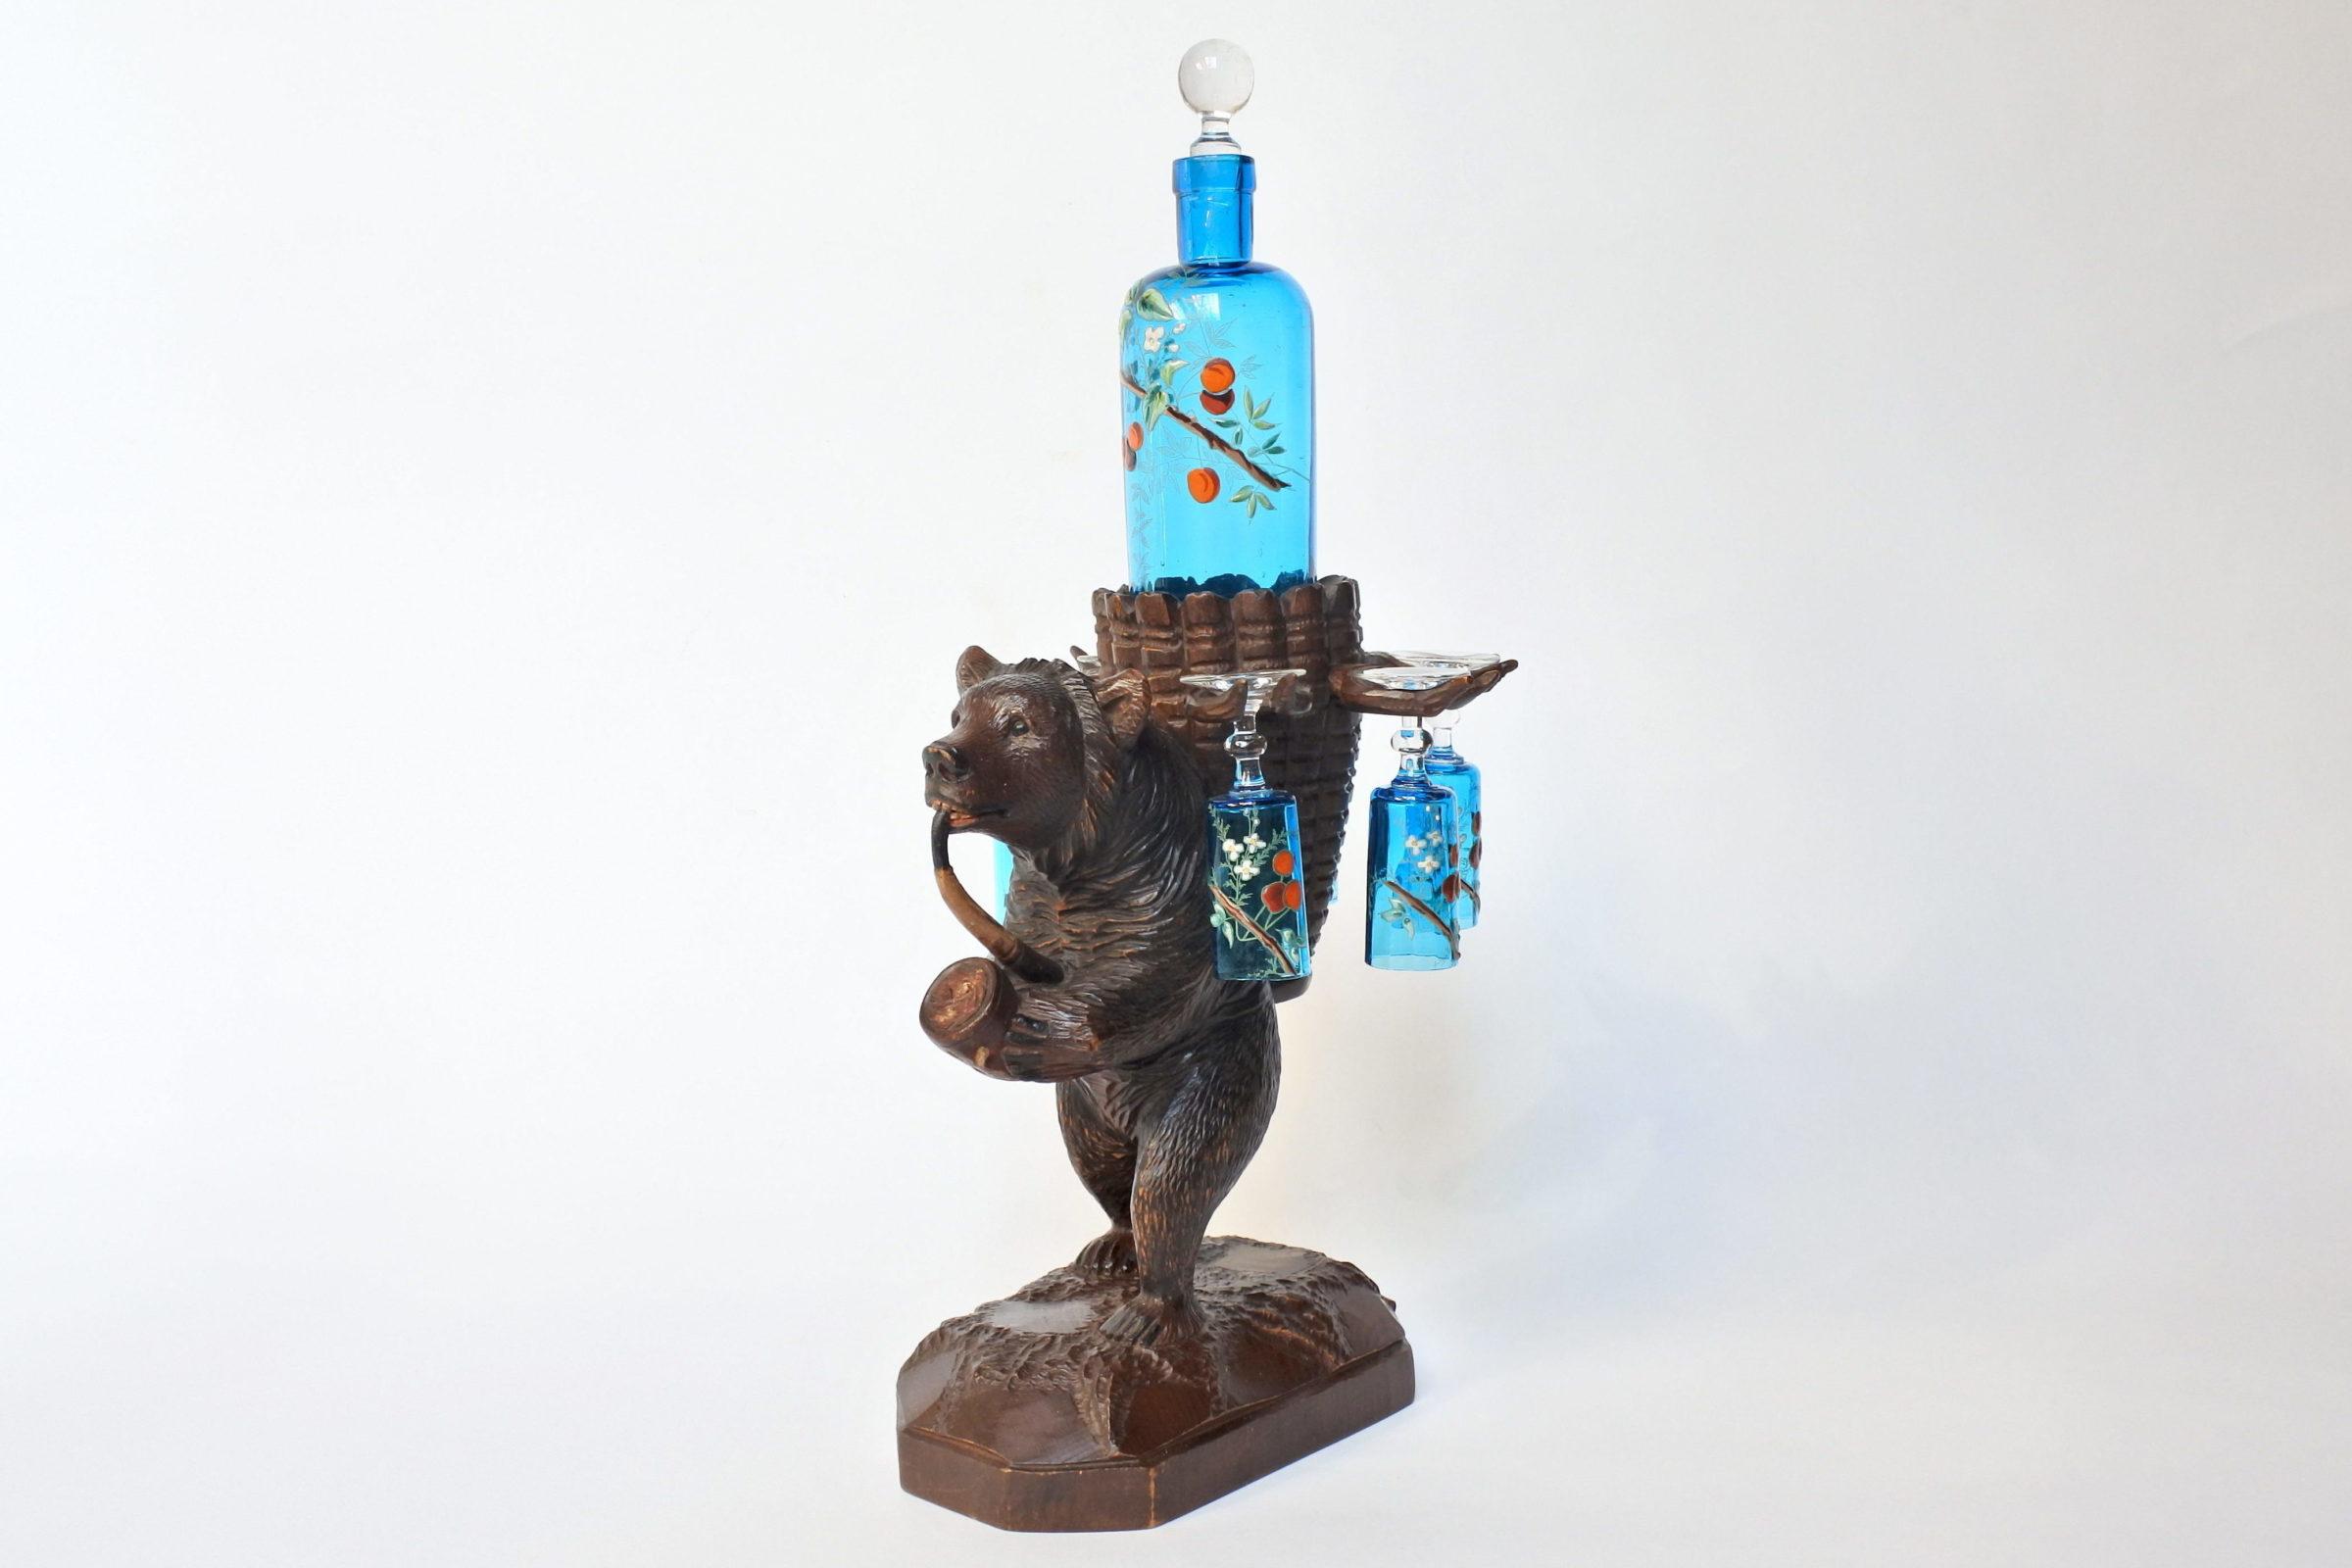 Orso in legno scolpito foresta nera con funzione di portabottiglia e bicchierini